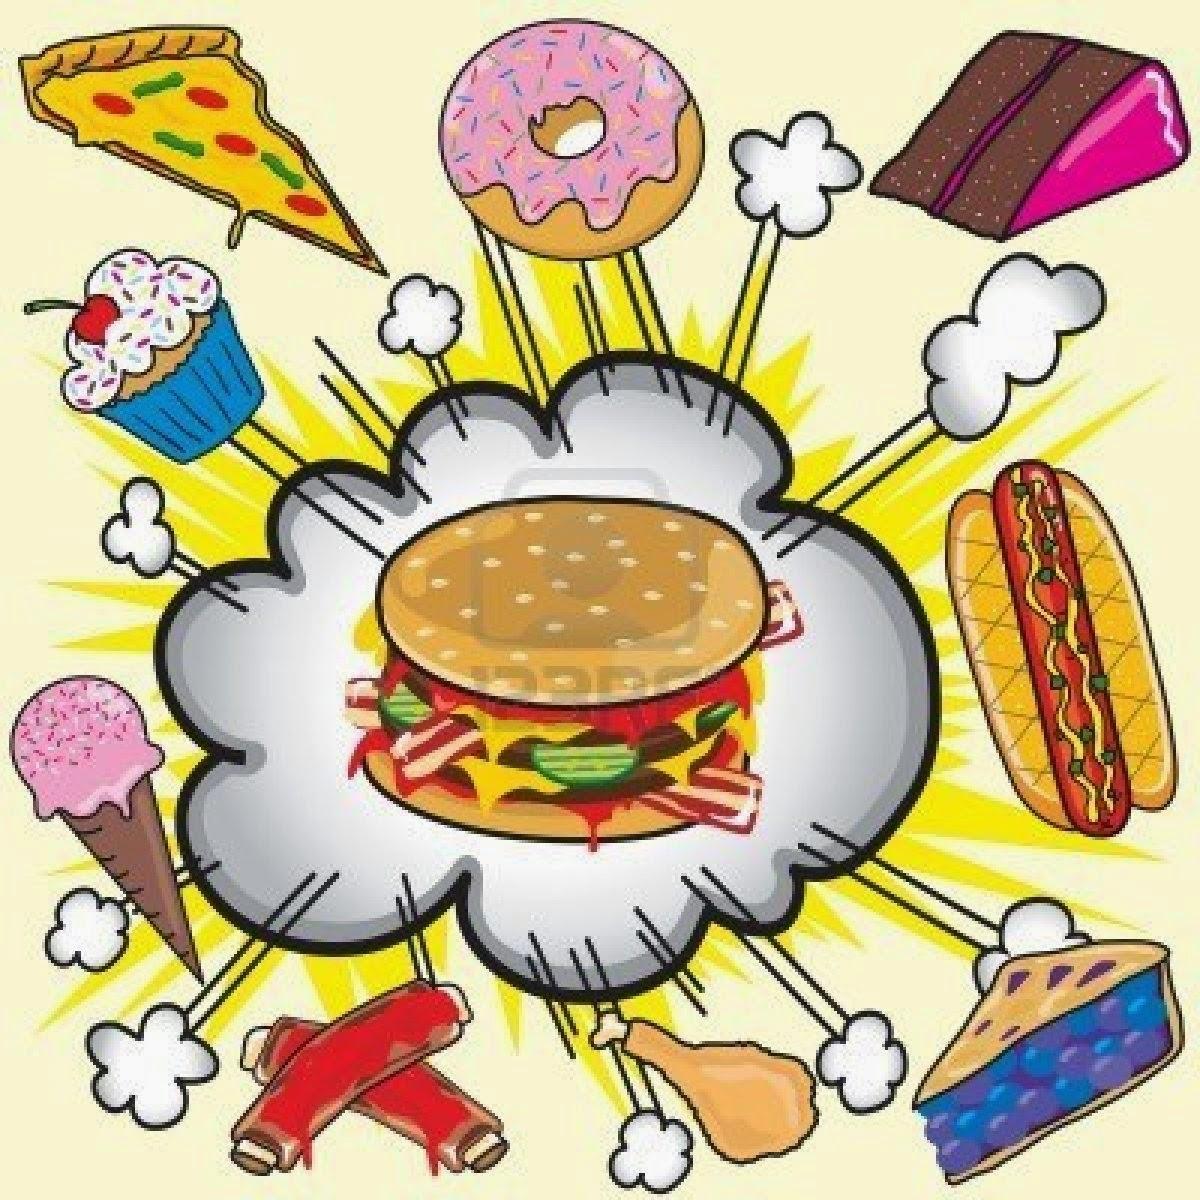 tener acido urico alto alimentos que elevan el nivel de acido urico cuales son los sintomas que produce el acido urico